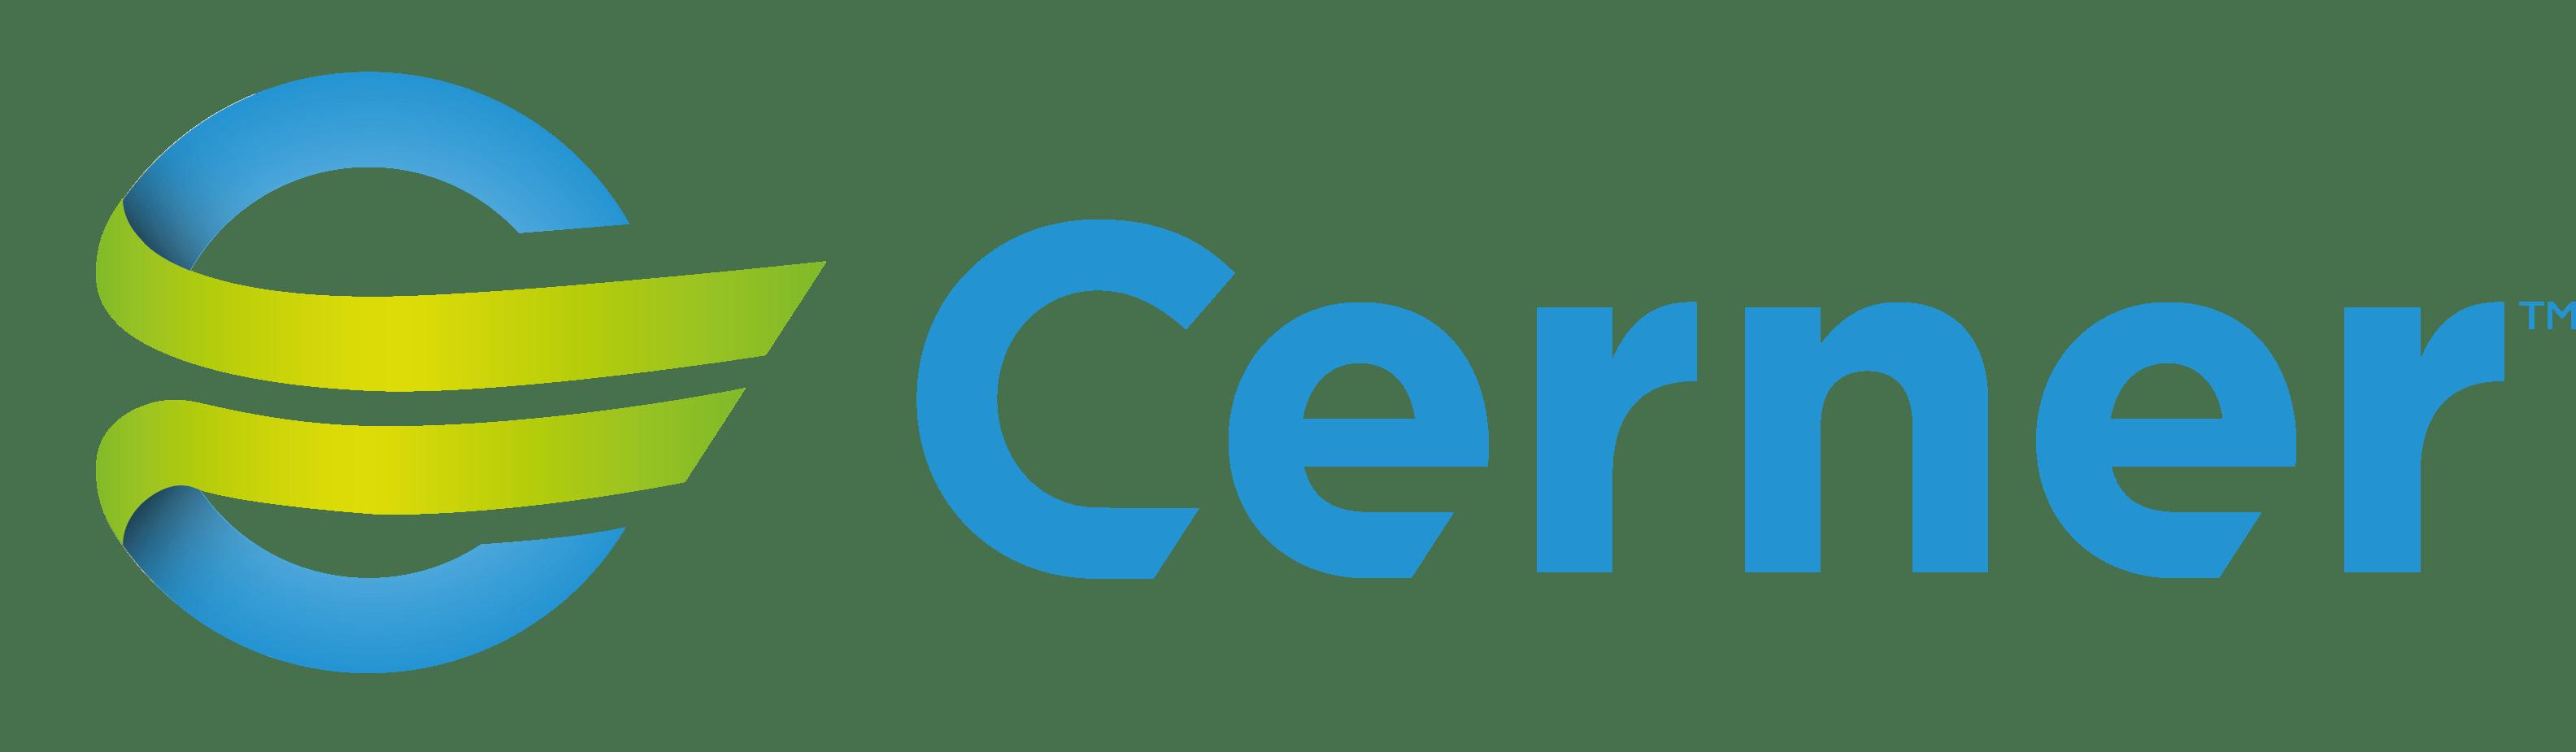 Cerner Corporation Logo png